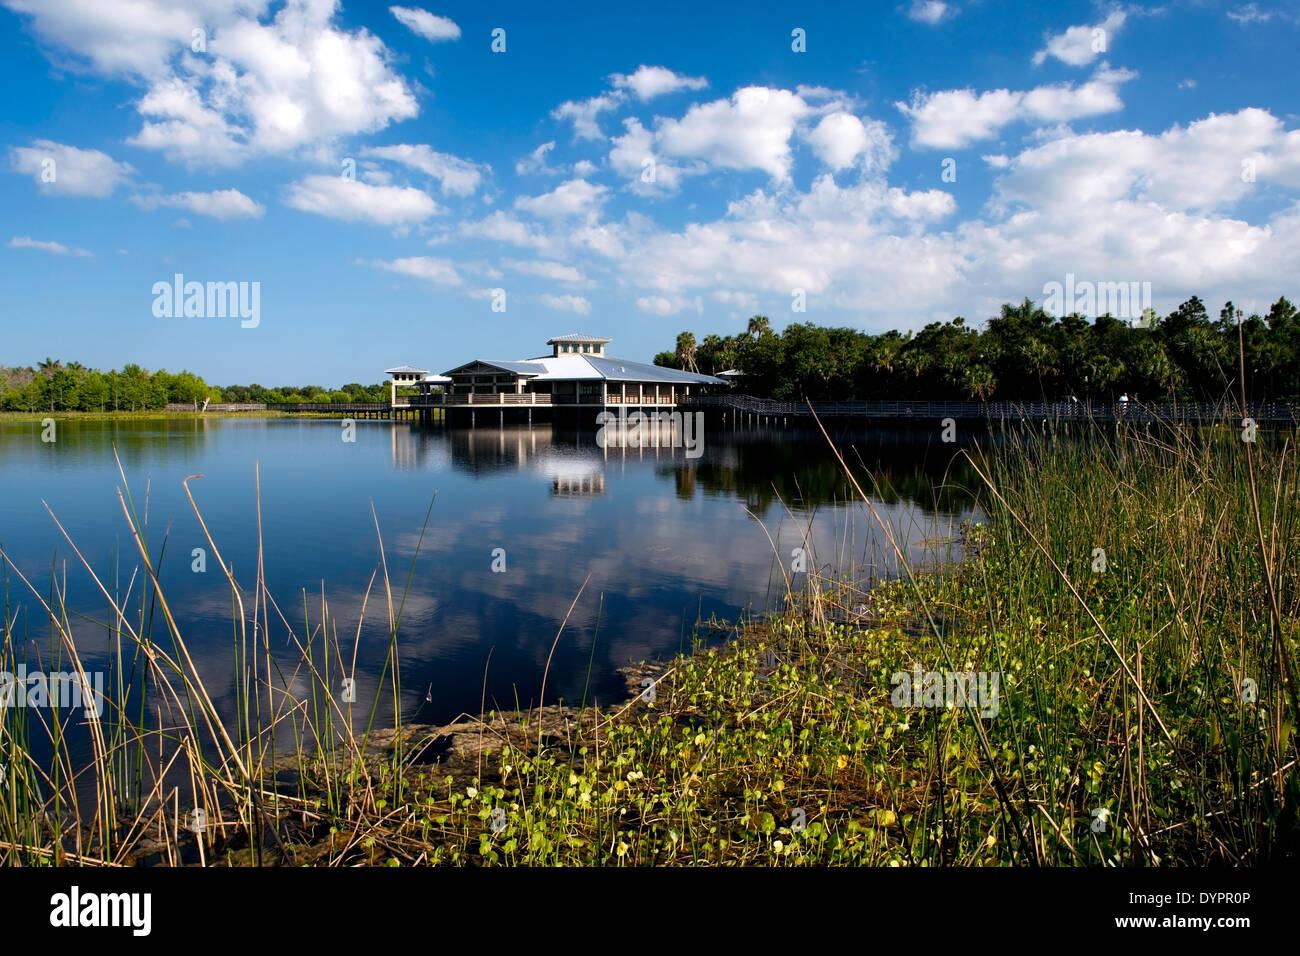 Interpretive Center at Green Cay Wetlands - Boynton Beach, Florida USA - Stock Image